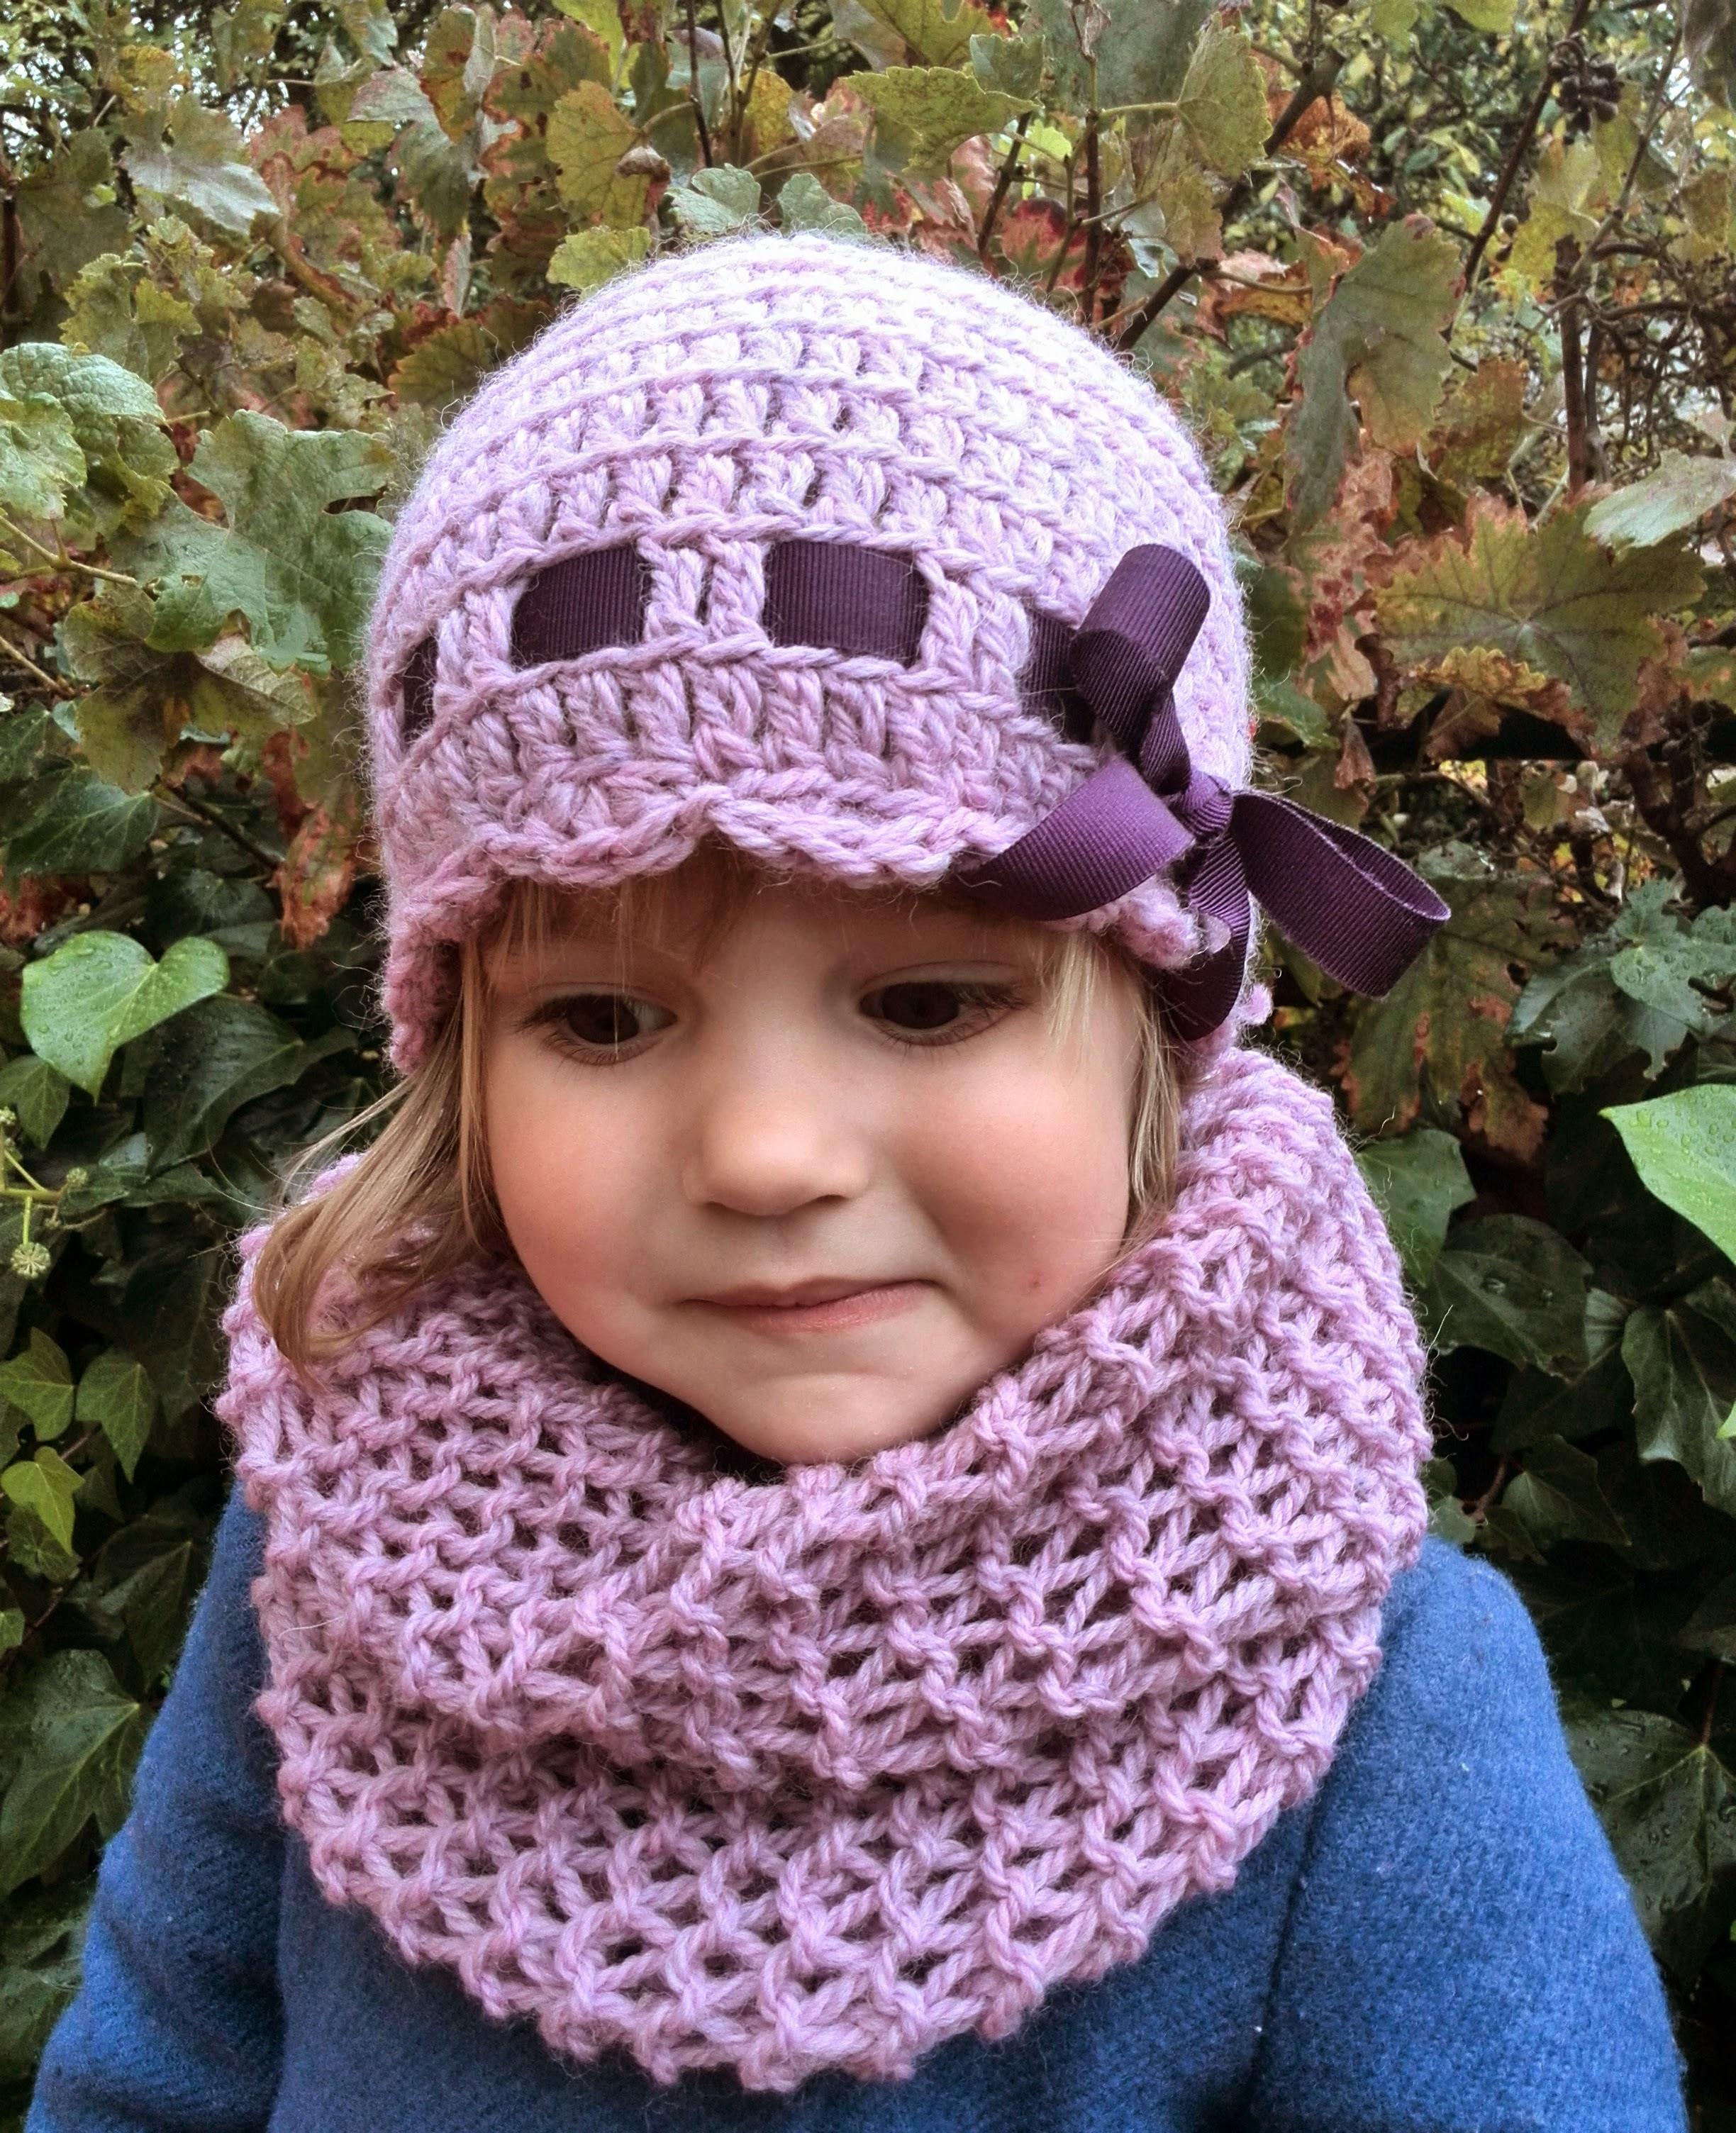 b42857055f19a Nuevas Promociones para mujer y niña final de invierno - Comprar ...